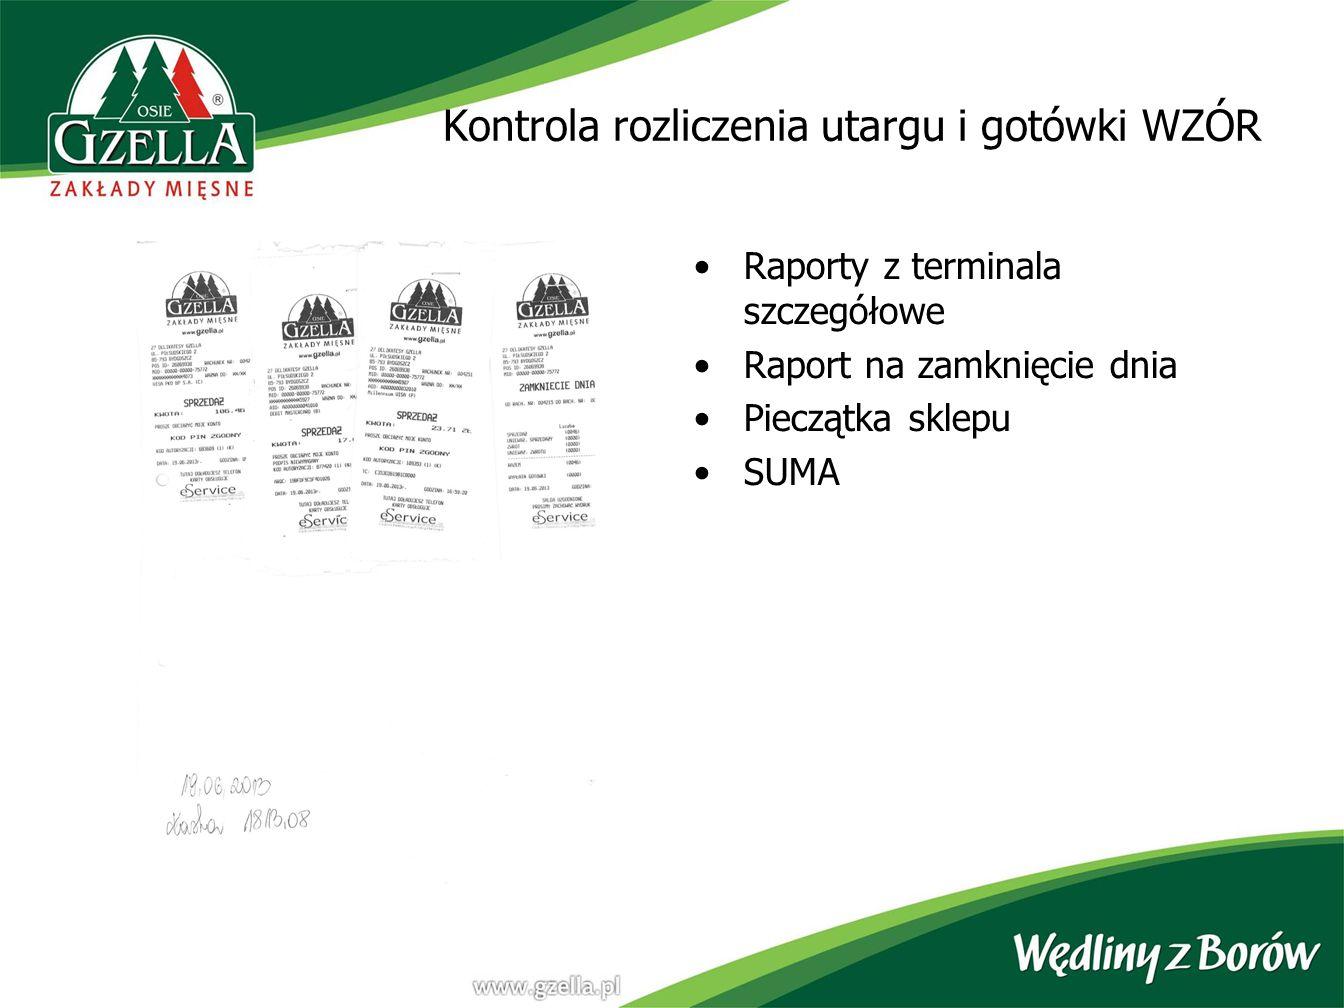 Kontrola rozliczenia utargu i gotówki WZÓR Raporty z terminala szczegółowe Raport na zamknięcie dnia Pieczątka sklepu SUMA